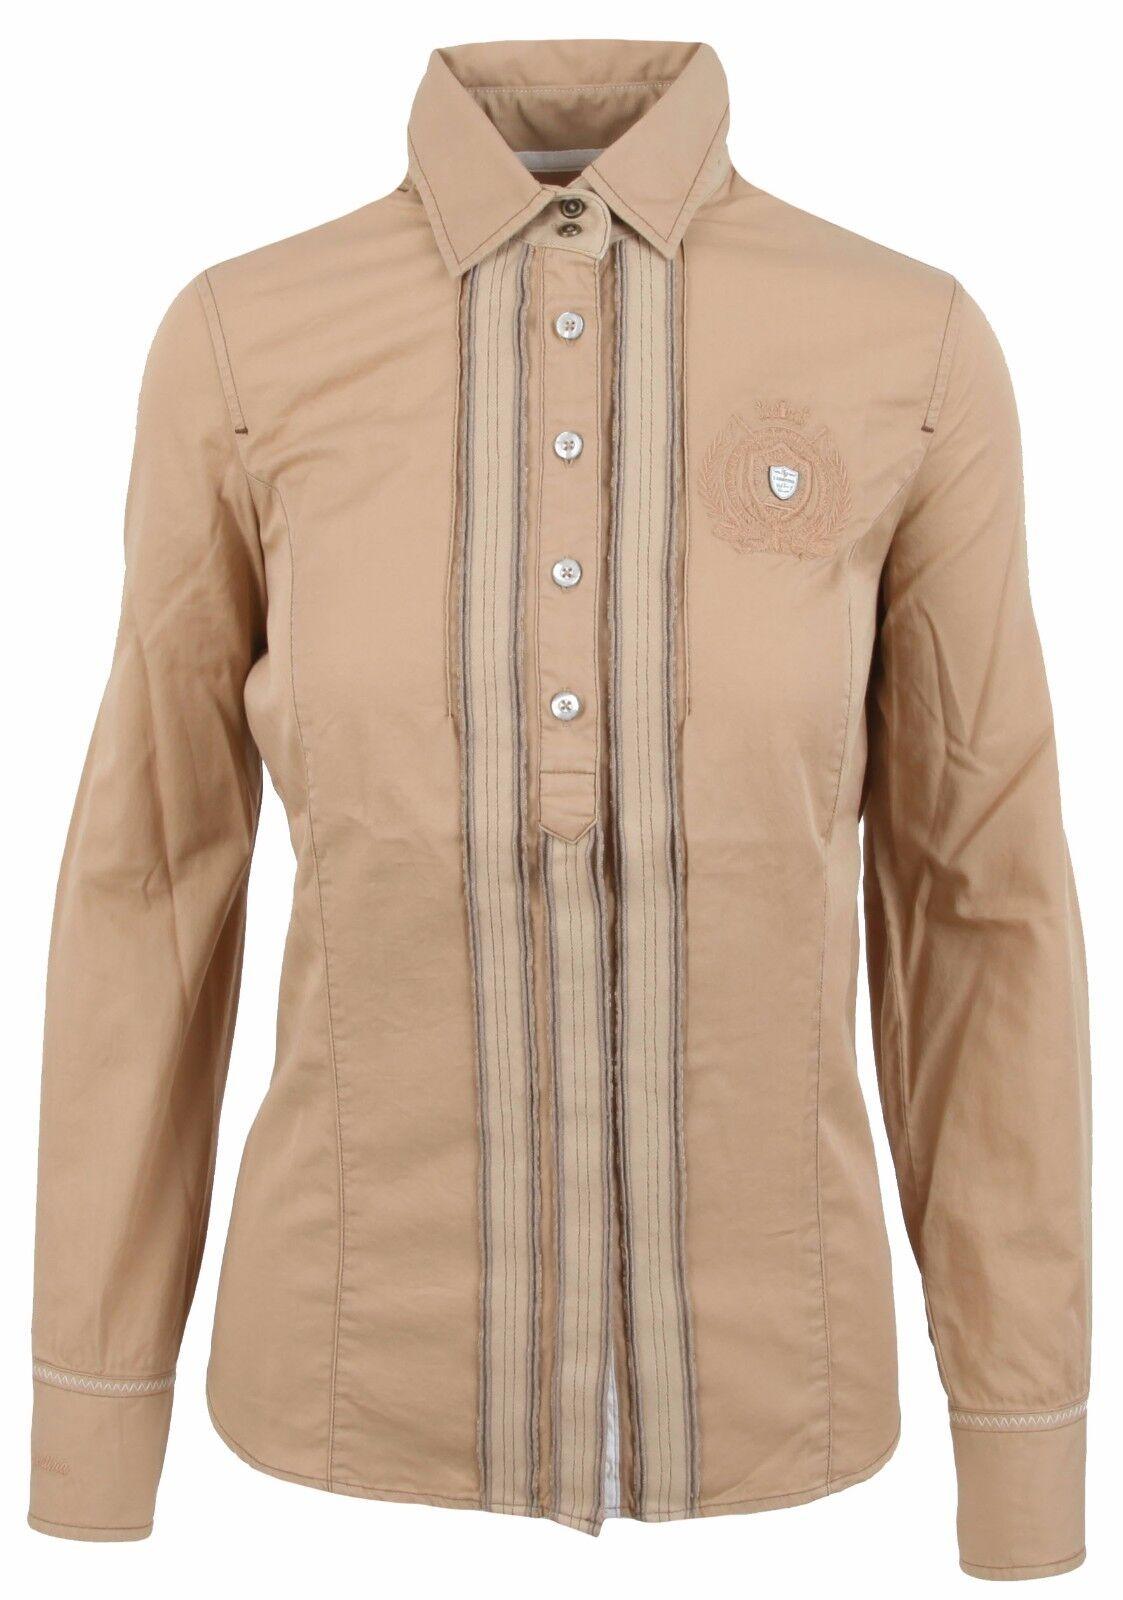 L' SilberINA Damen Blause damen Shirt Größe 38 M 100% Baumwolle Cotton Braun NEU